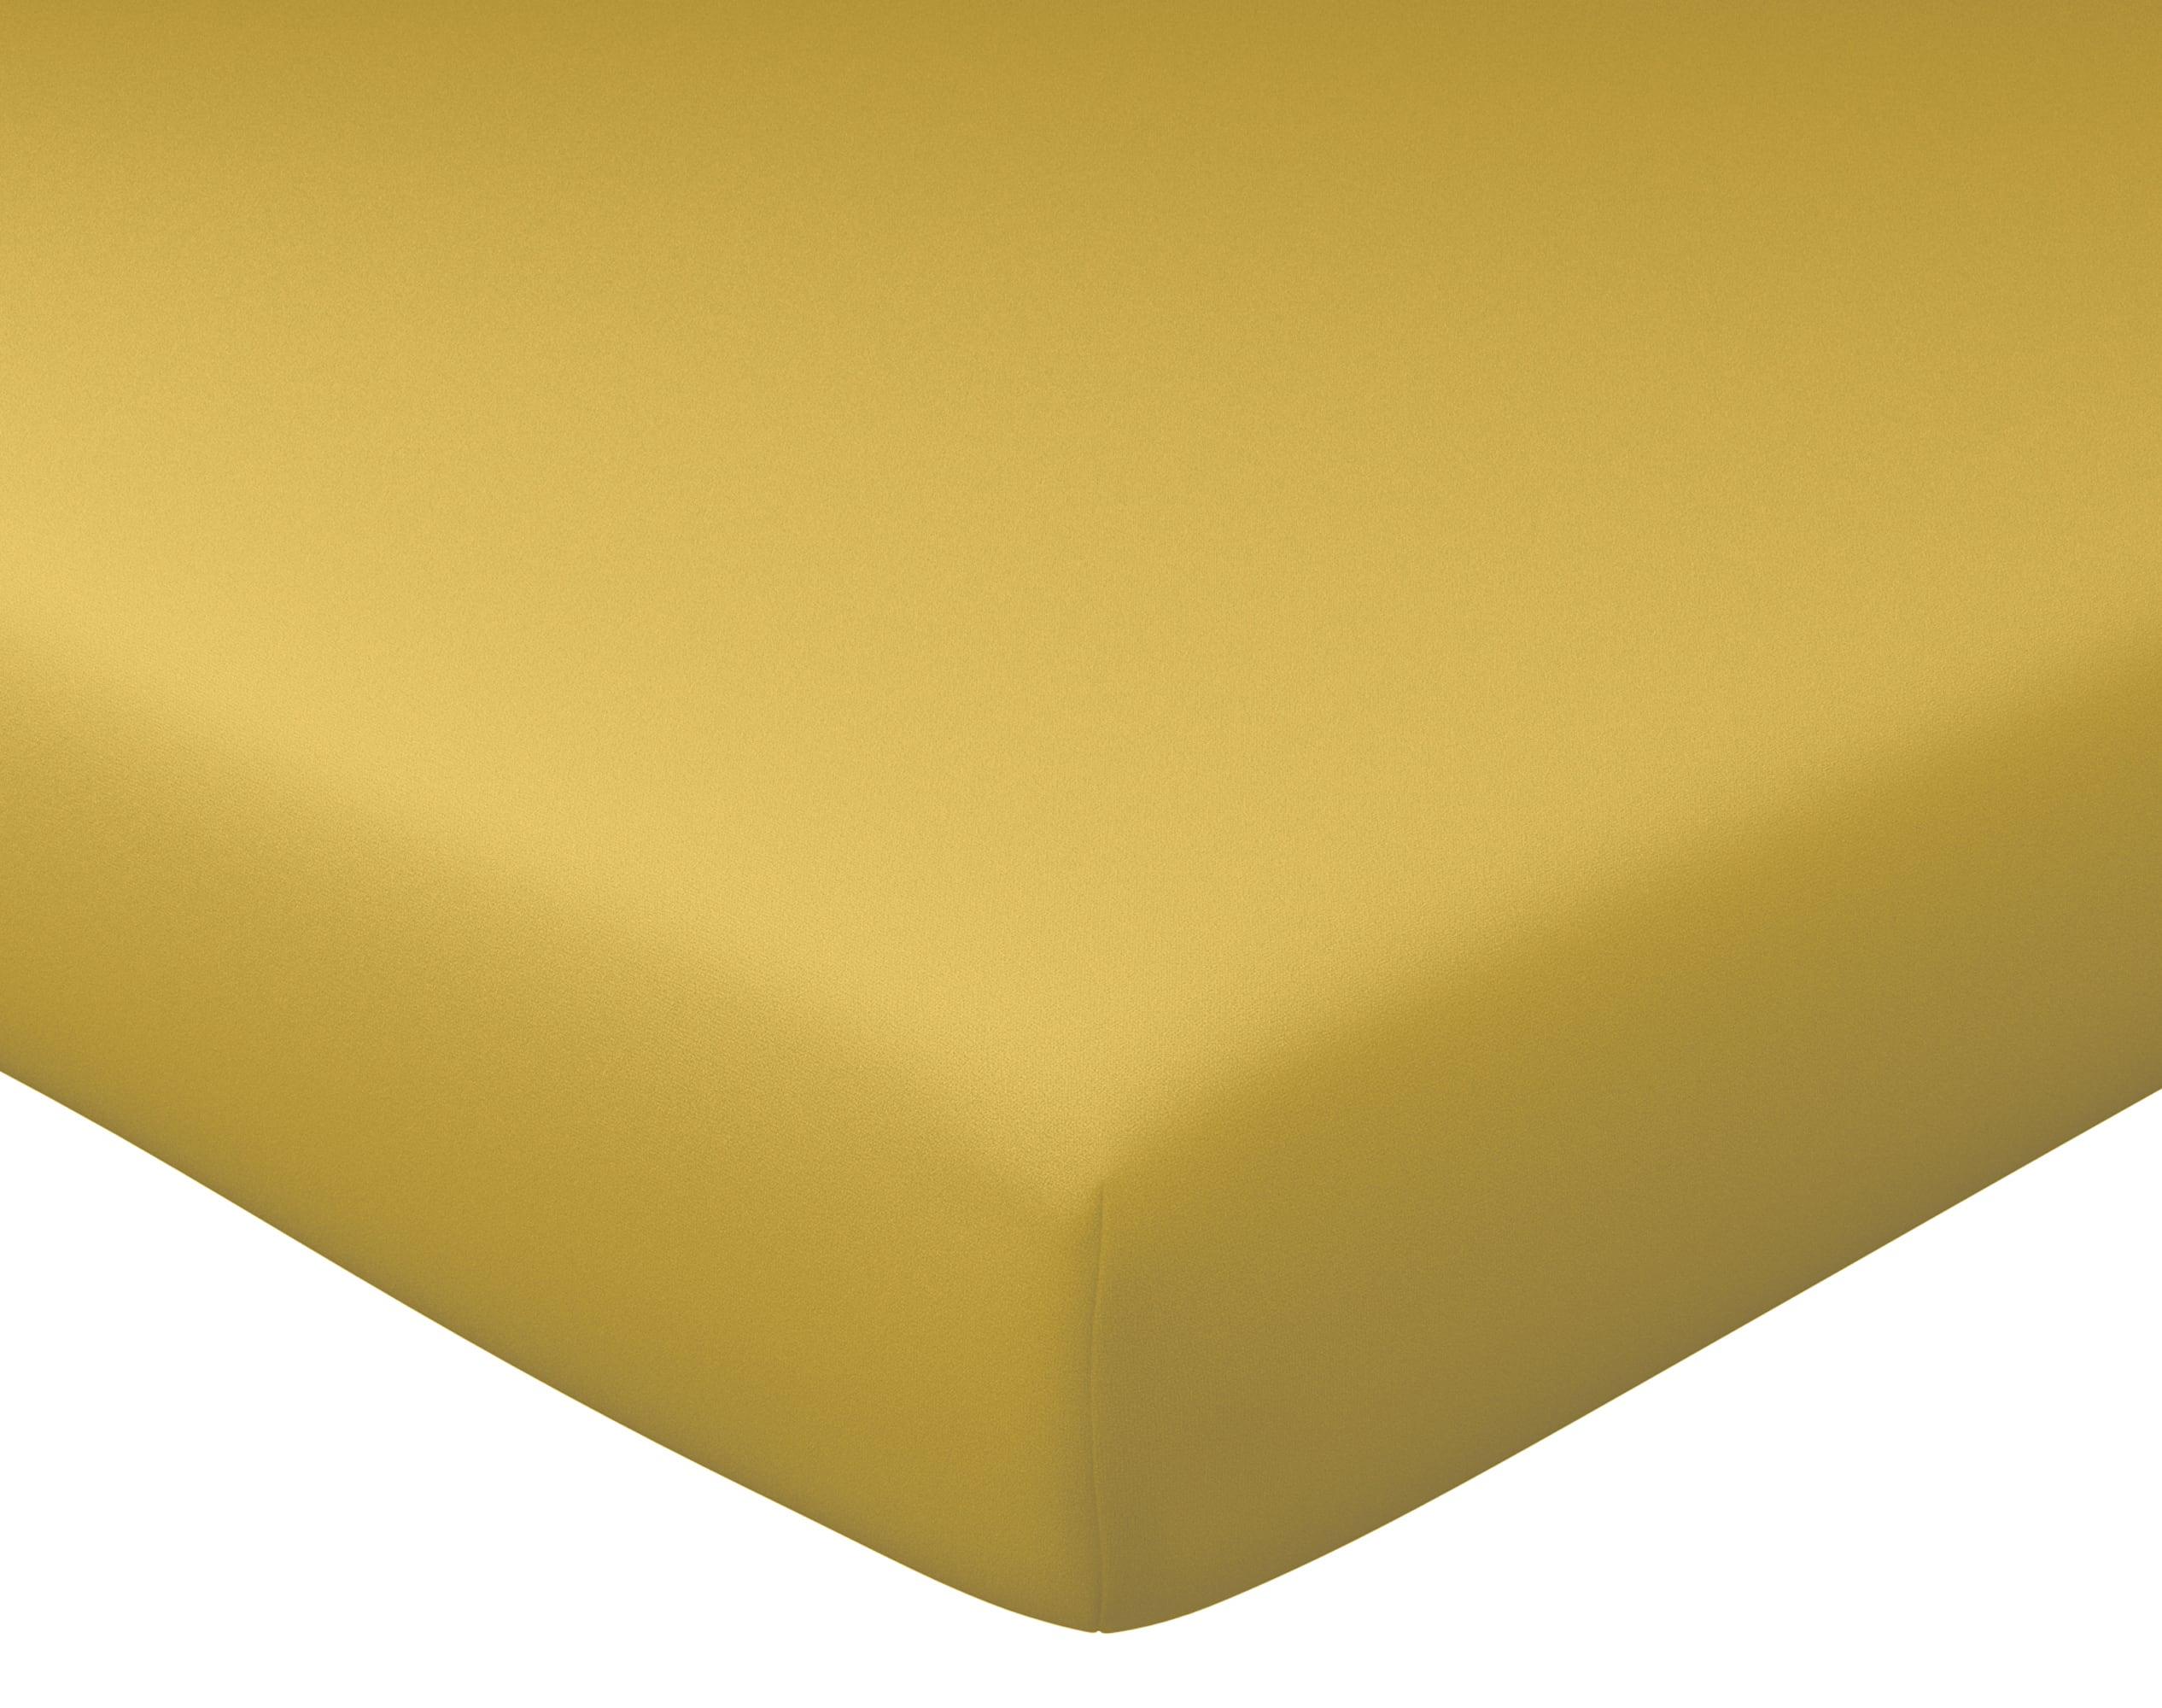 Drap-housse 90x190 en percale de coton jaune ocre